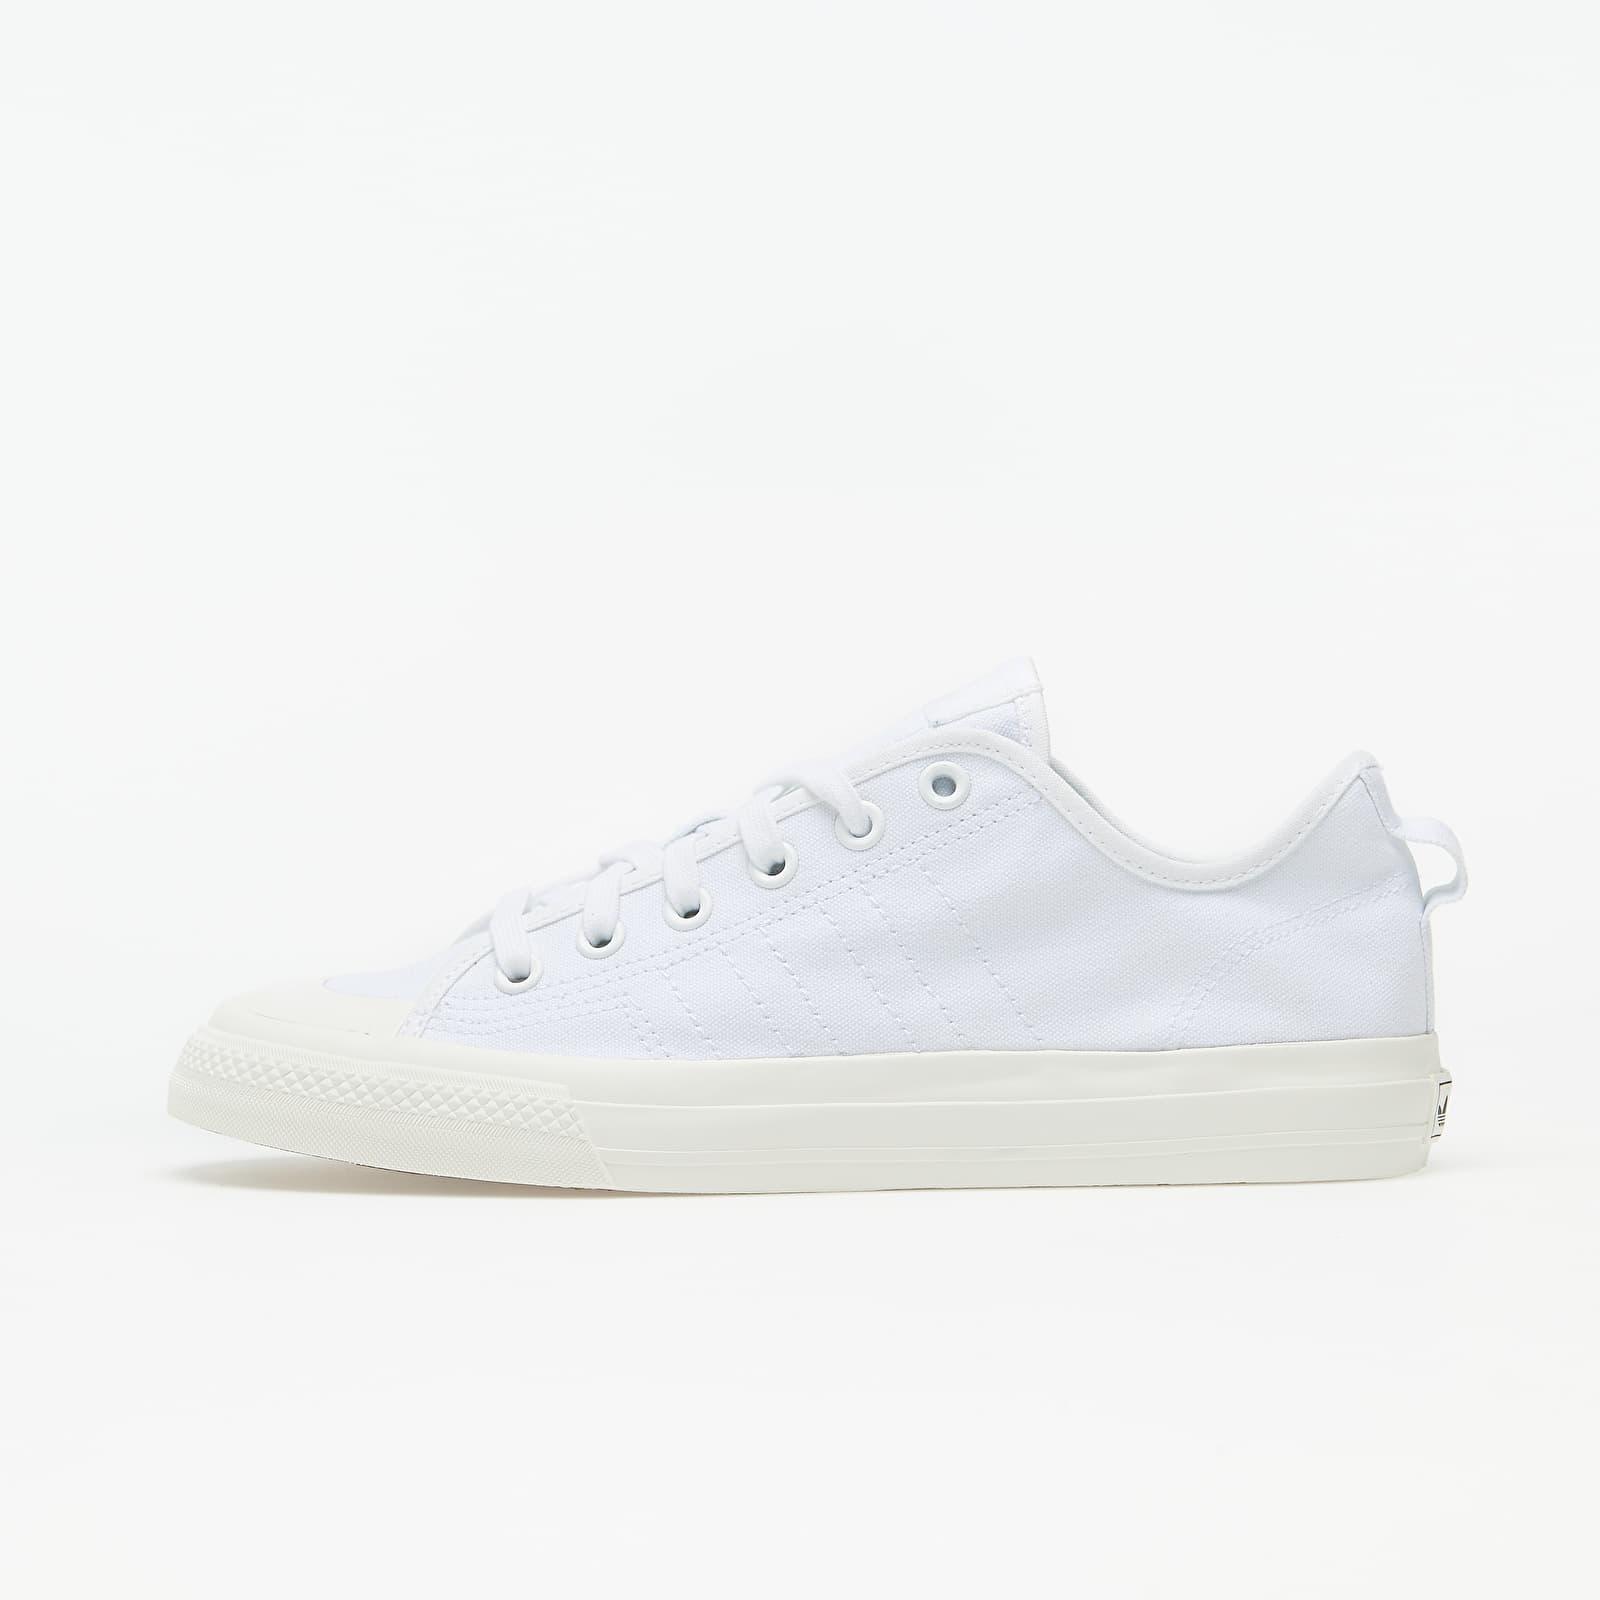 adidas Nizza RF Ftw White/ Ftw White/ Off White EUR 41 1/3